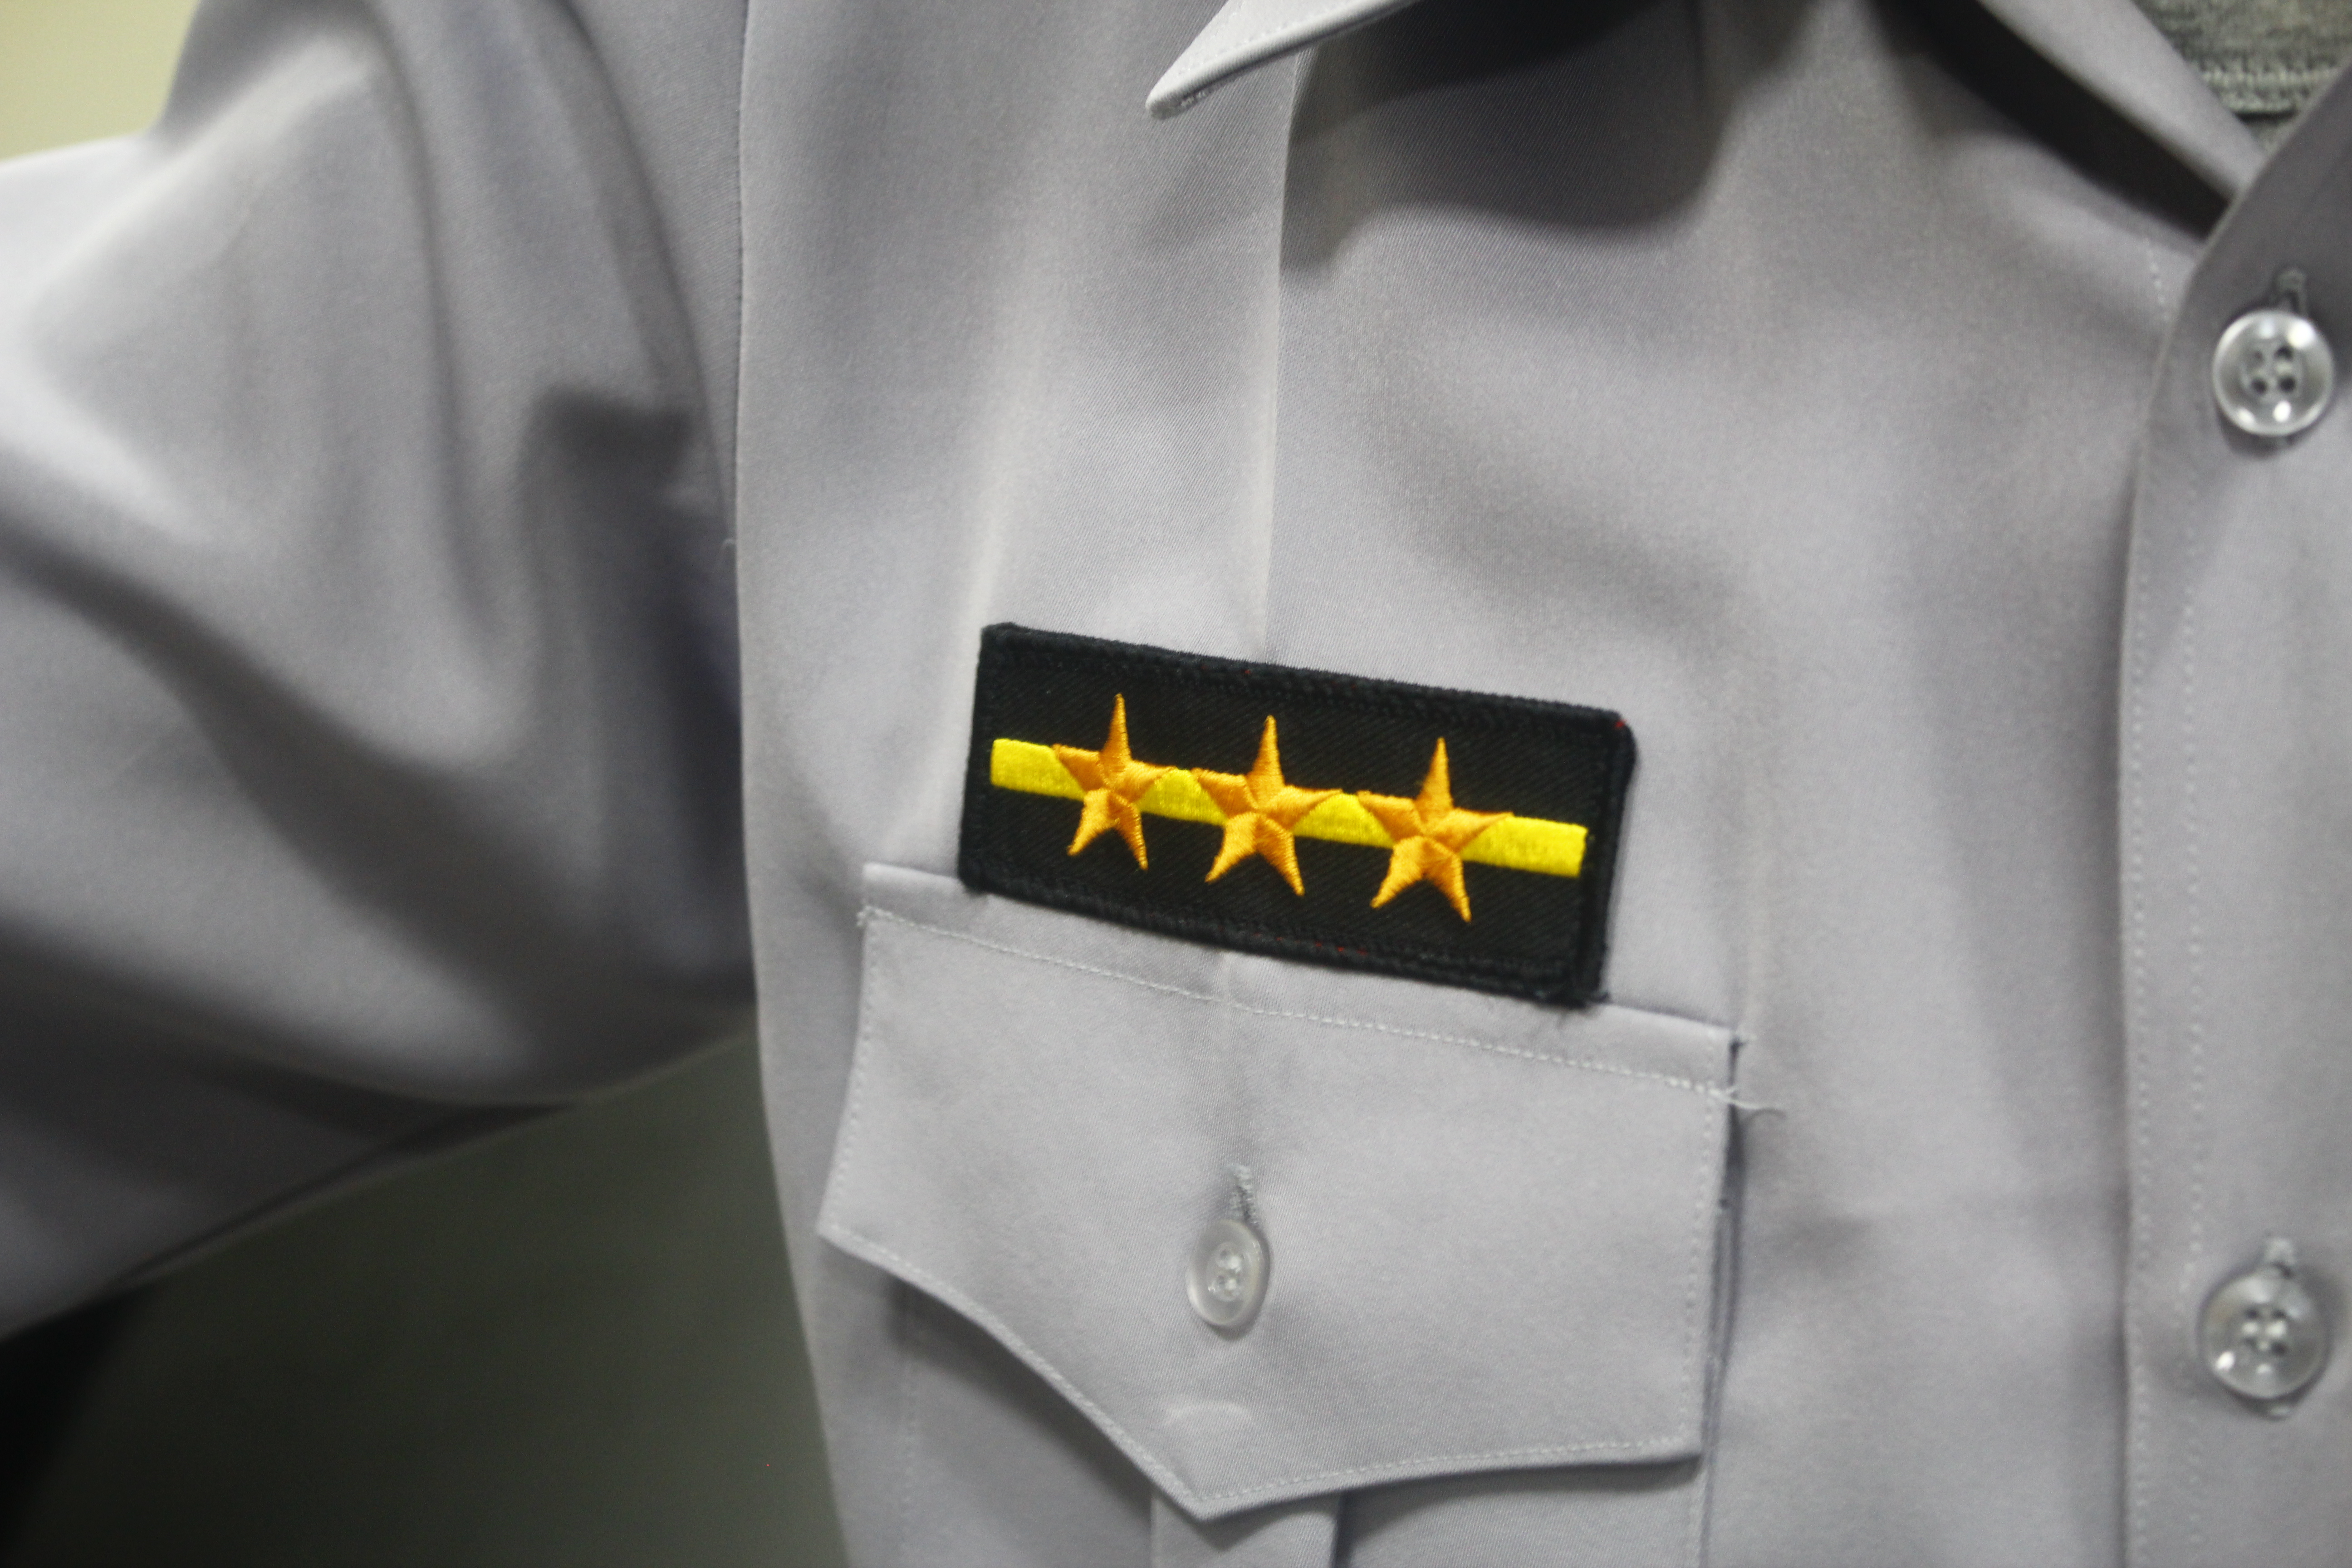 剛從警專畢業的新進警察,制服上配有「一線三星」的徽章。攝影/韋可琦